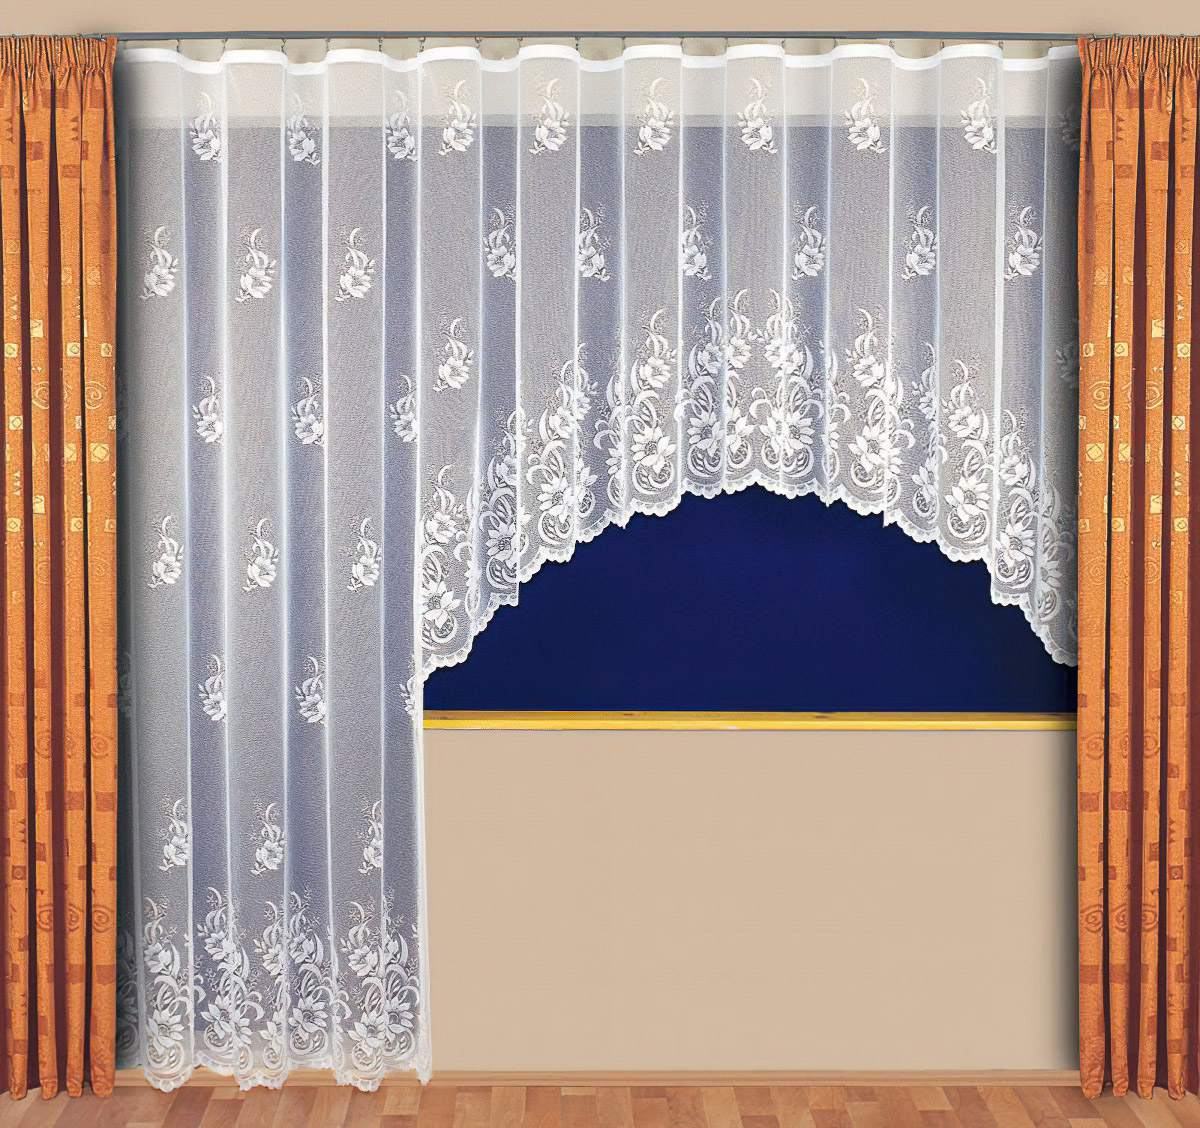 Tylex kusová záclona DONATELA jednobarevná bílá, výška 250 cm x šířka 200 cm (na dveře)